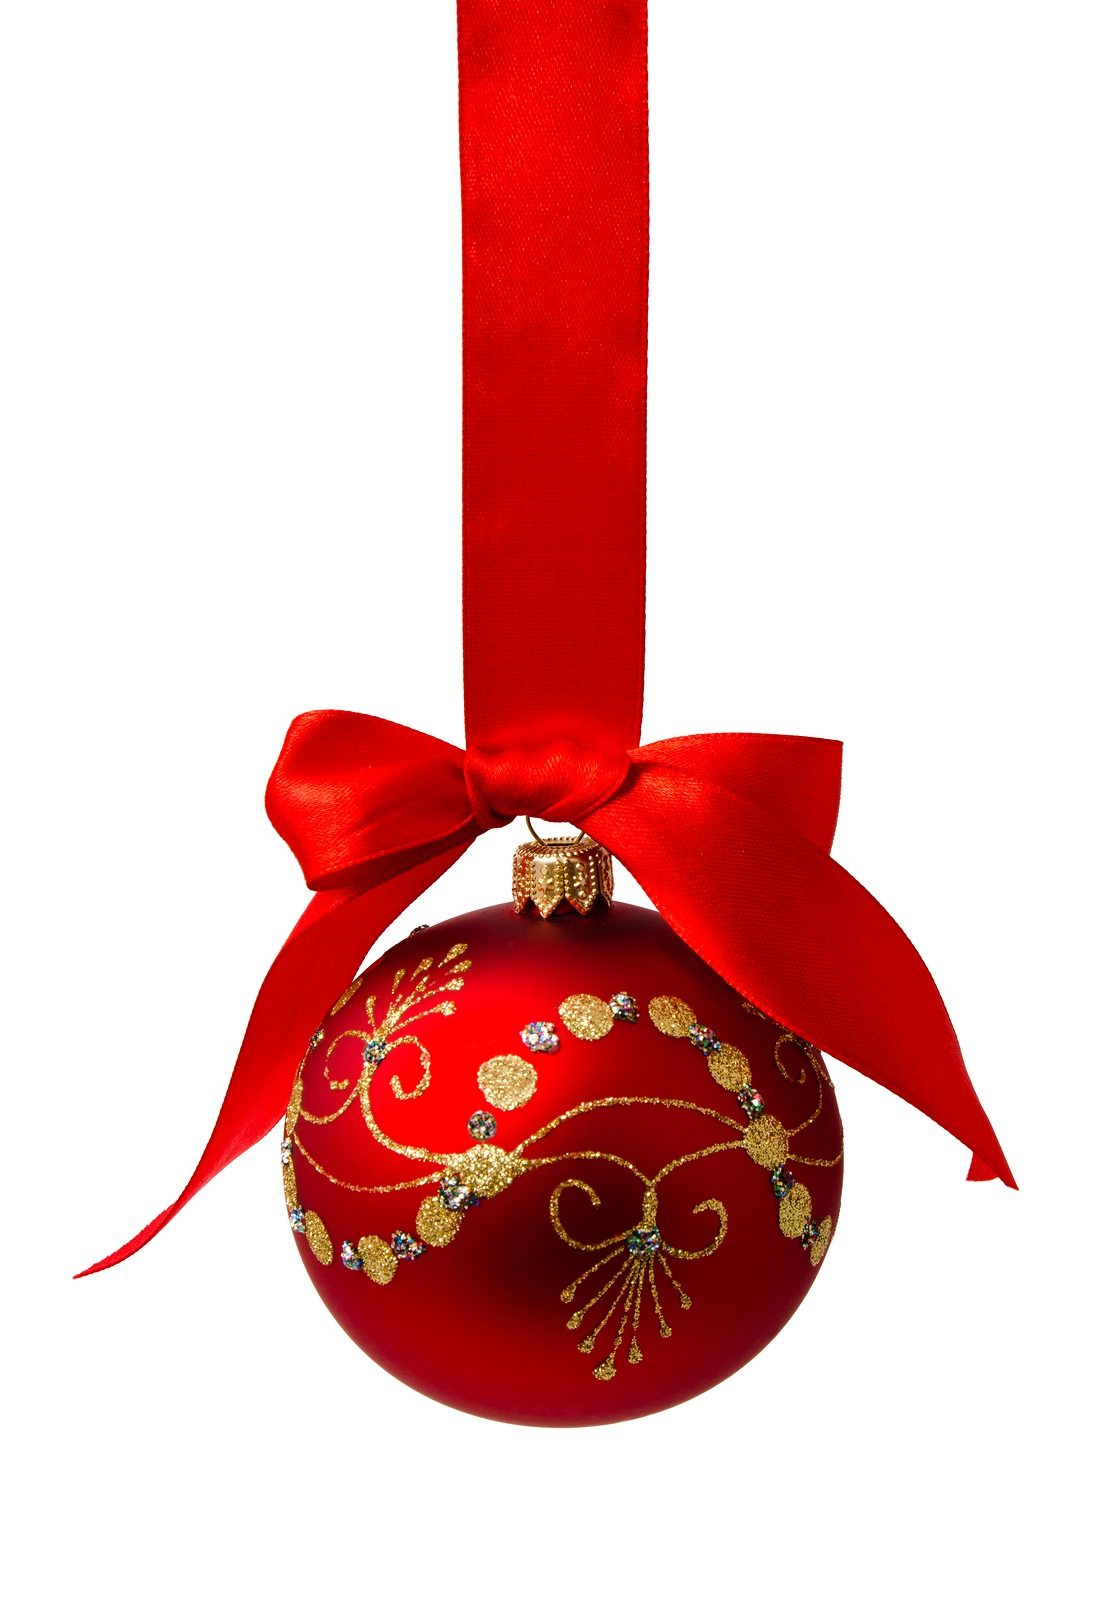 Christmas Ball PNG - 16829